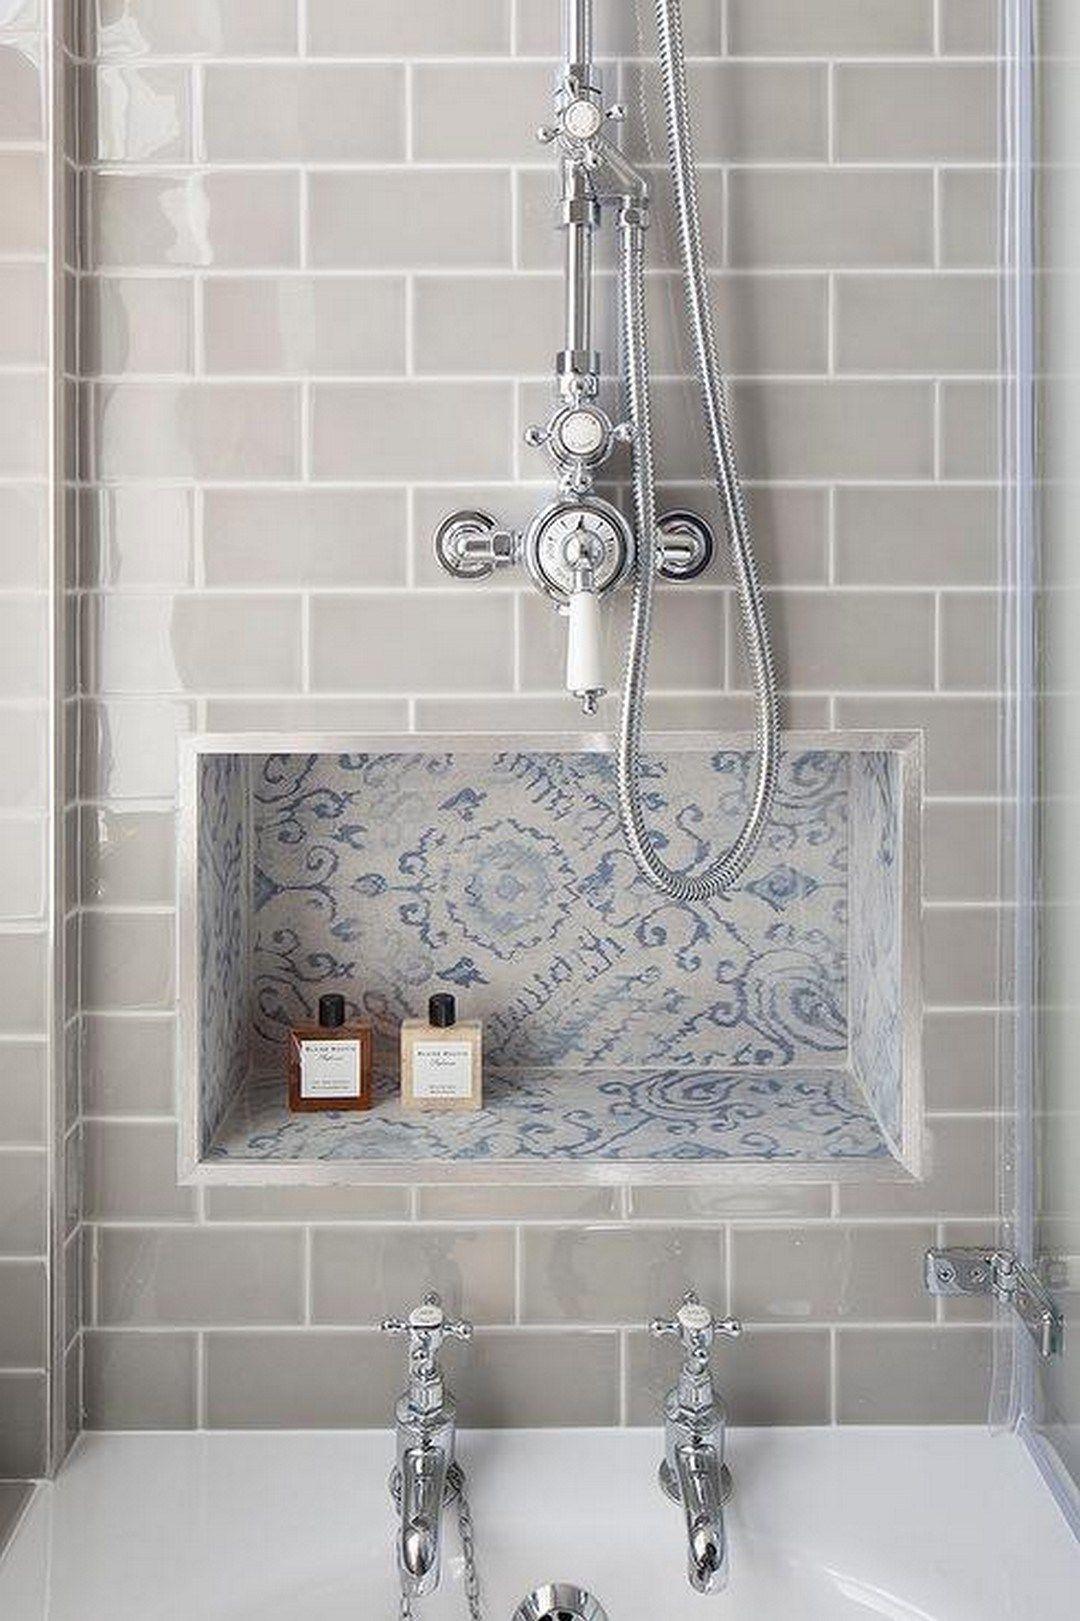 99 New Trends Bathroom Tile Design Inspiration 2017 31: 99 New Trends Bathroom Tile Design Inspiration 2017 (12